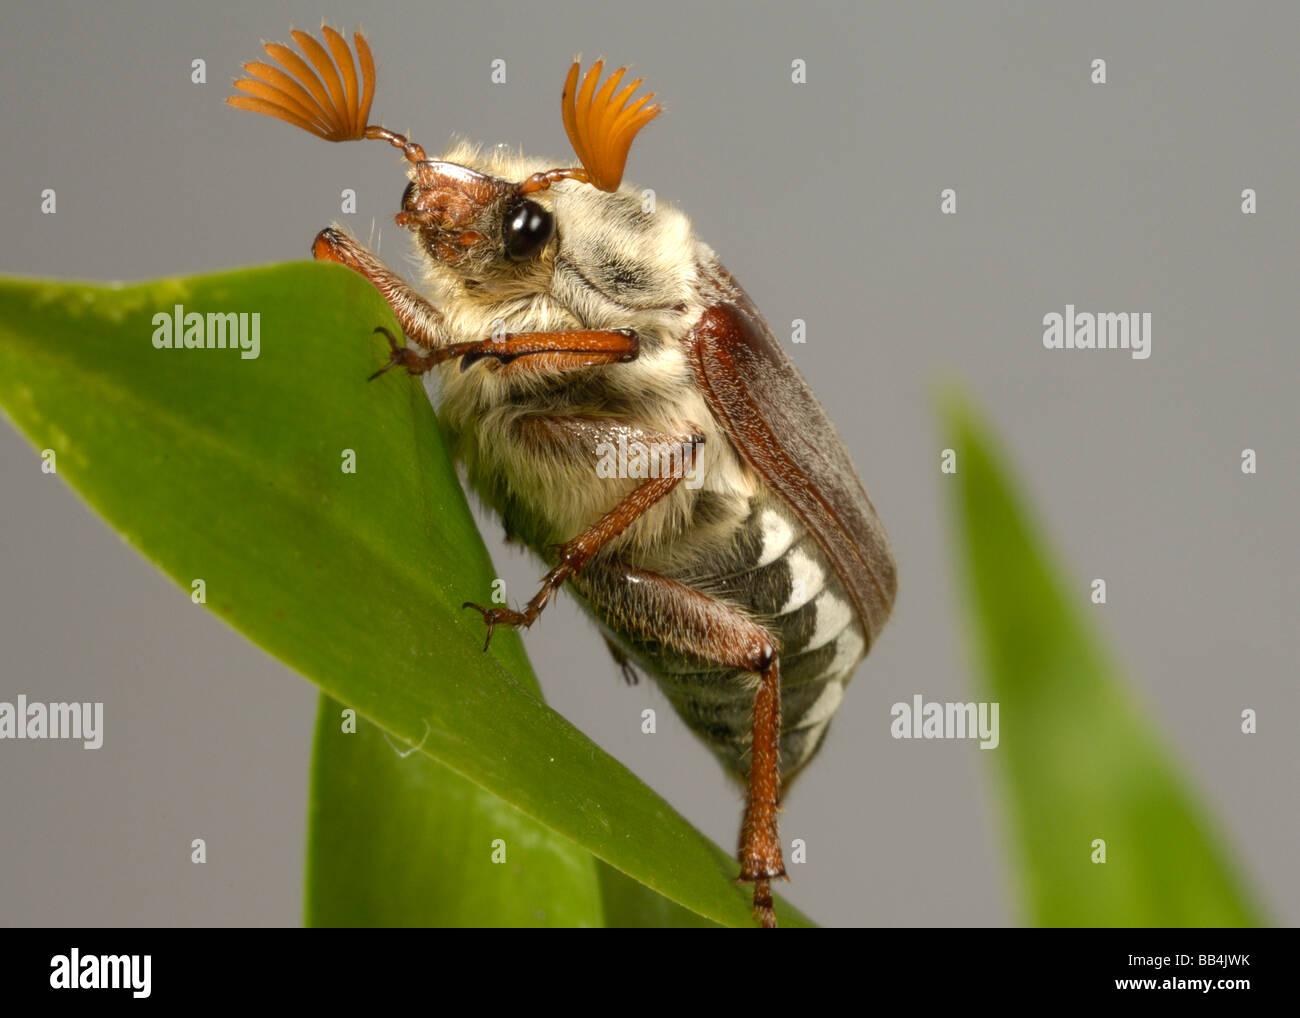 Erwachsenen Maikäfer Melolontha Melolontha oder können auf einem Blatt bug Stockfoto